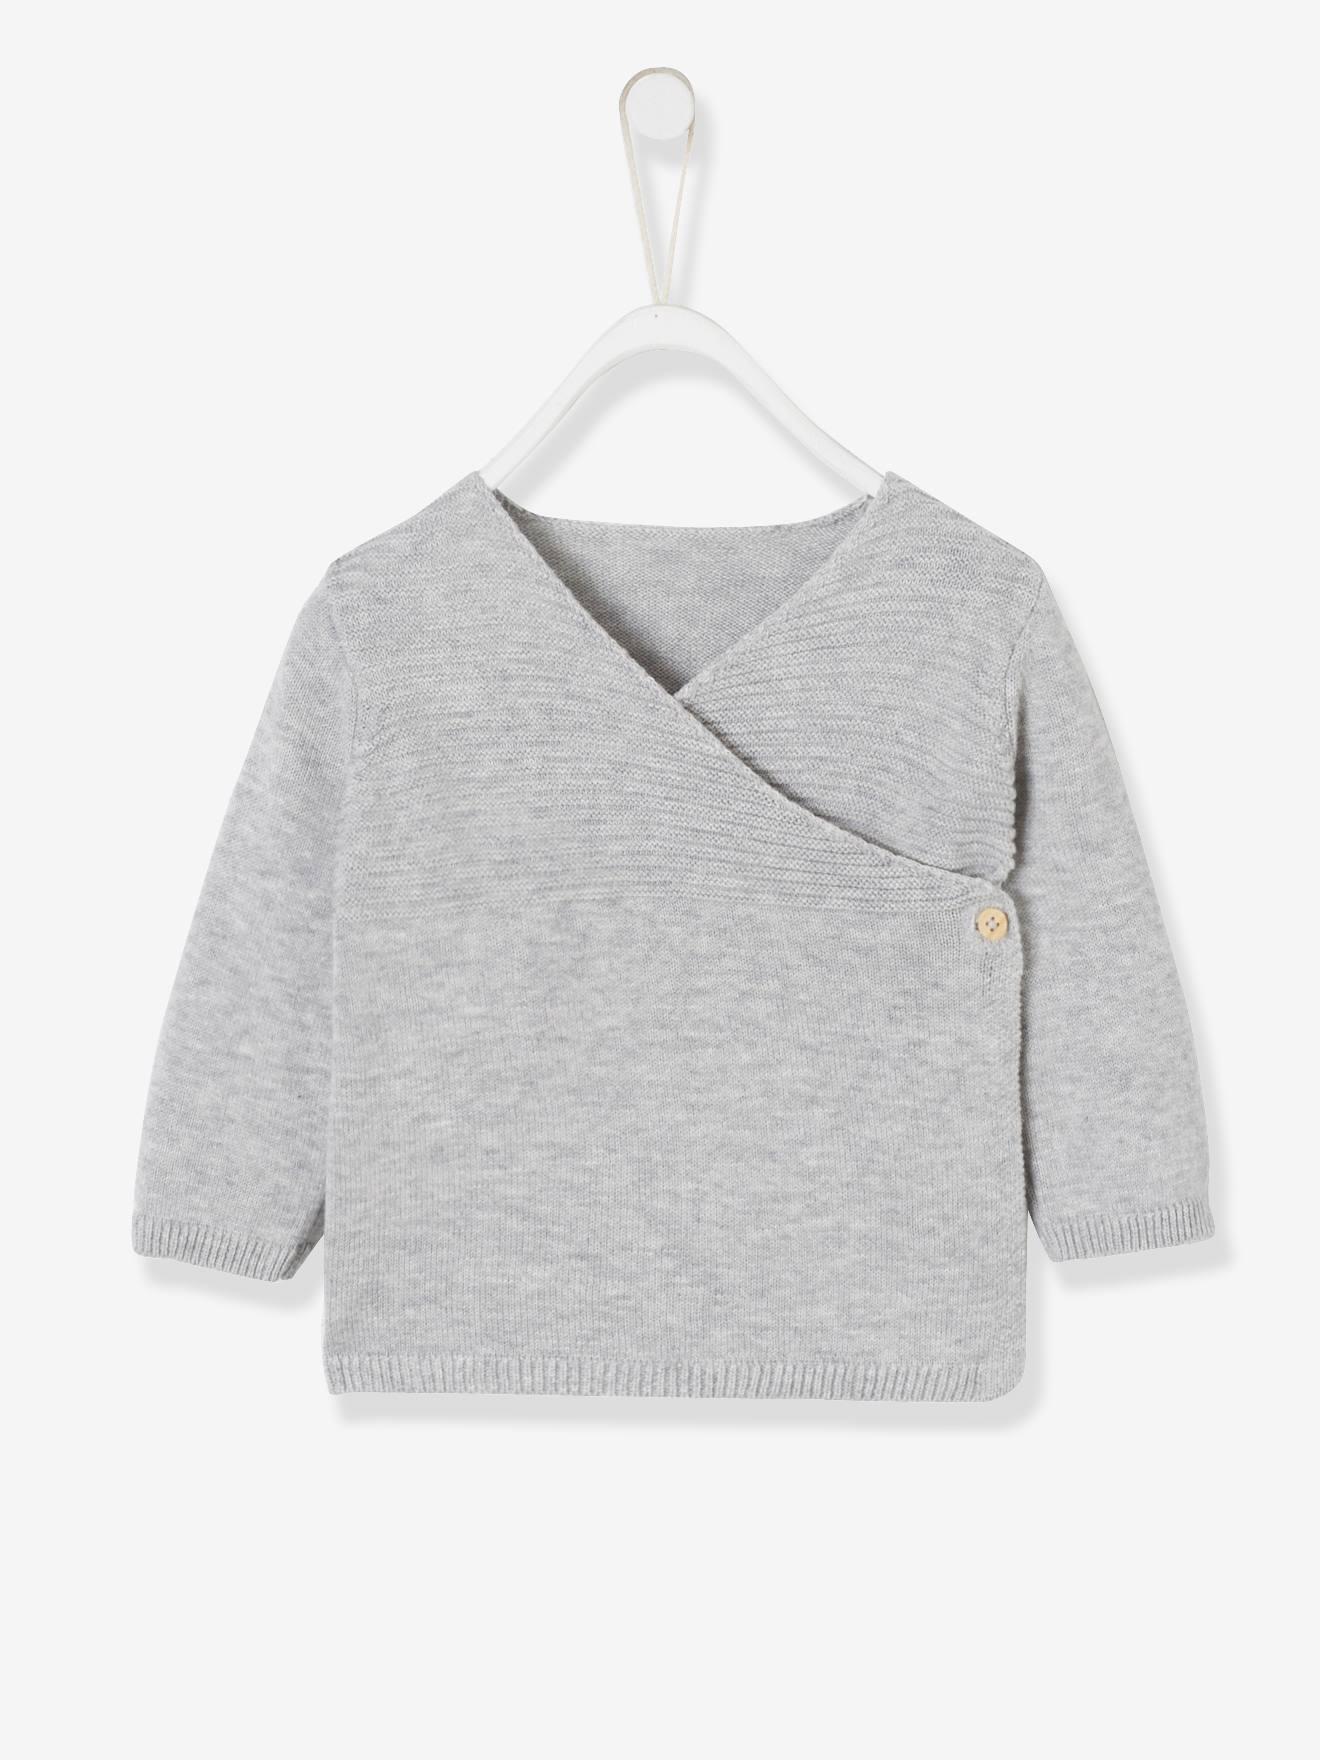 c9433dd7a72 chaqueta-cruzada-bebe-recien-nacido-de-punto-tricot-de-algodon-bio.jpg